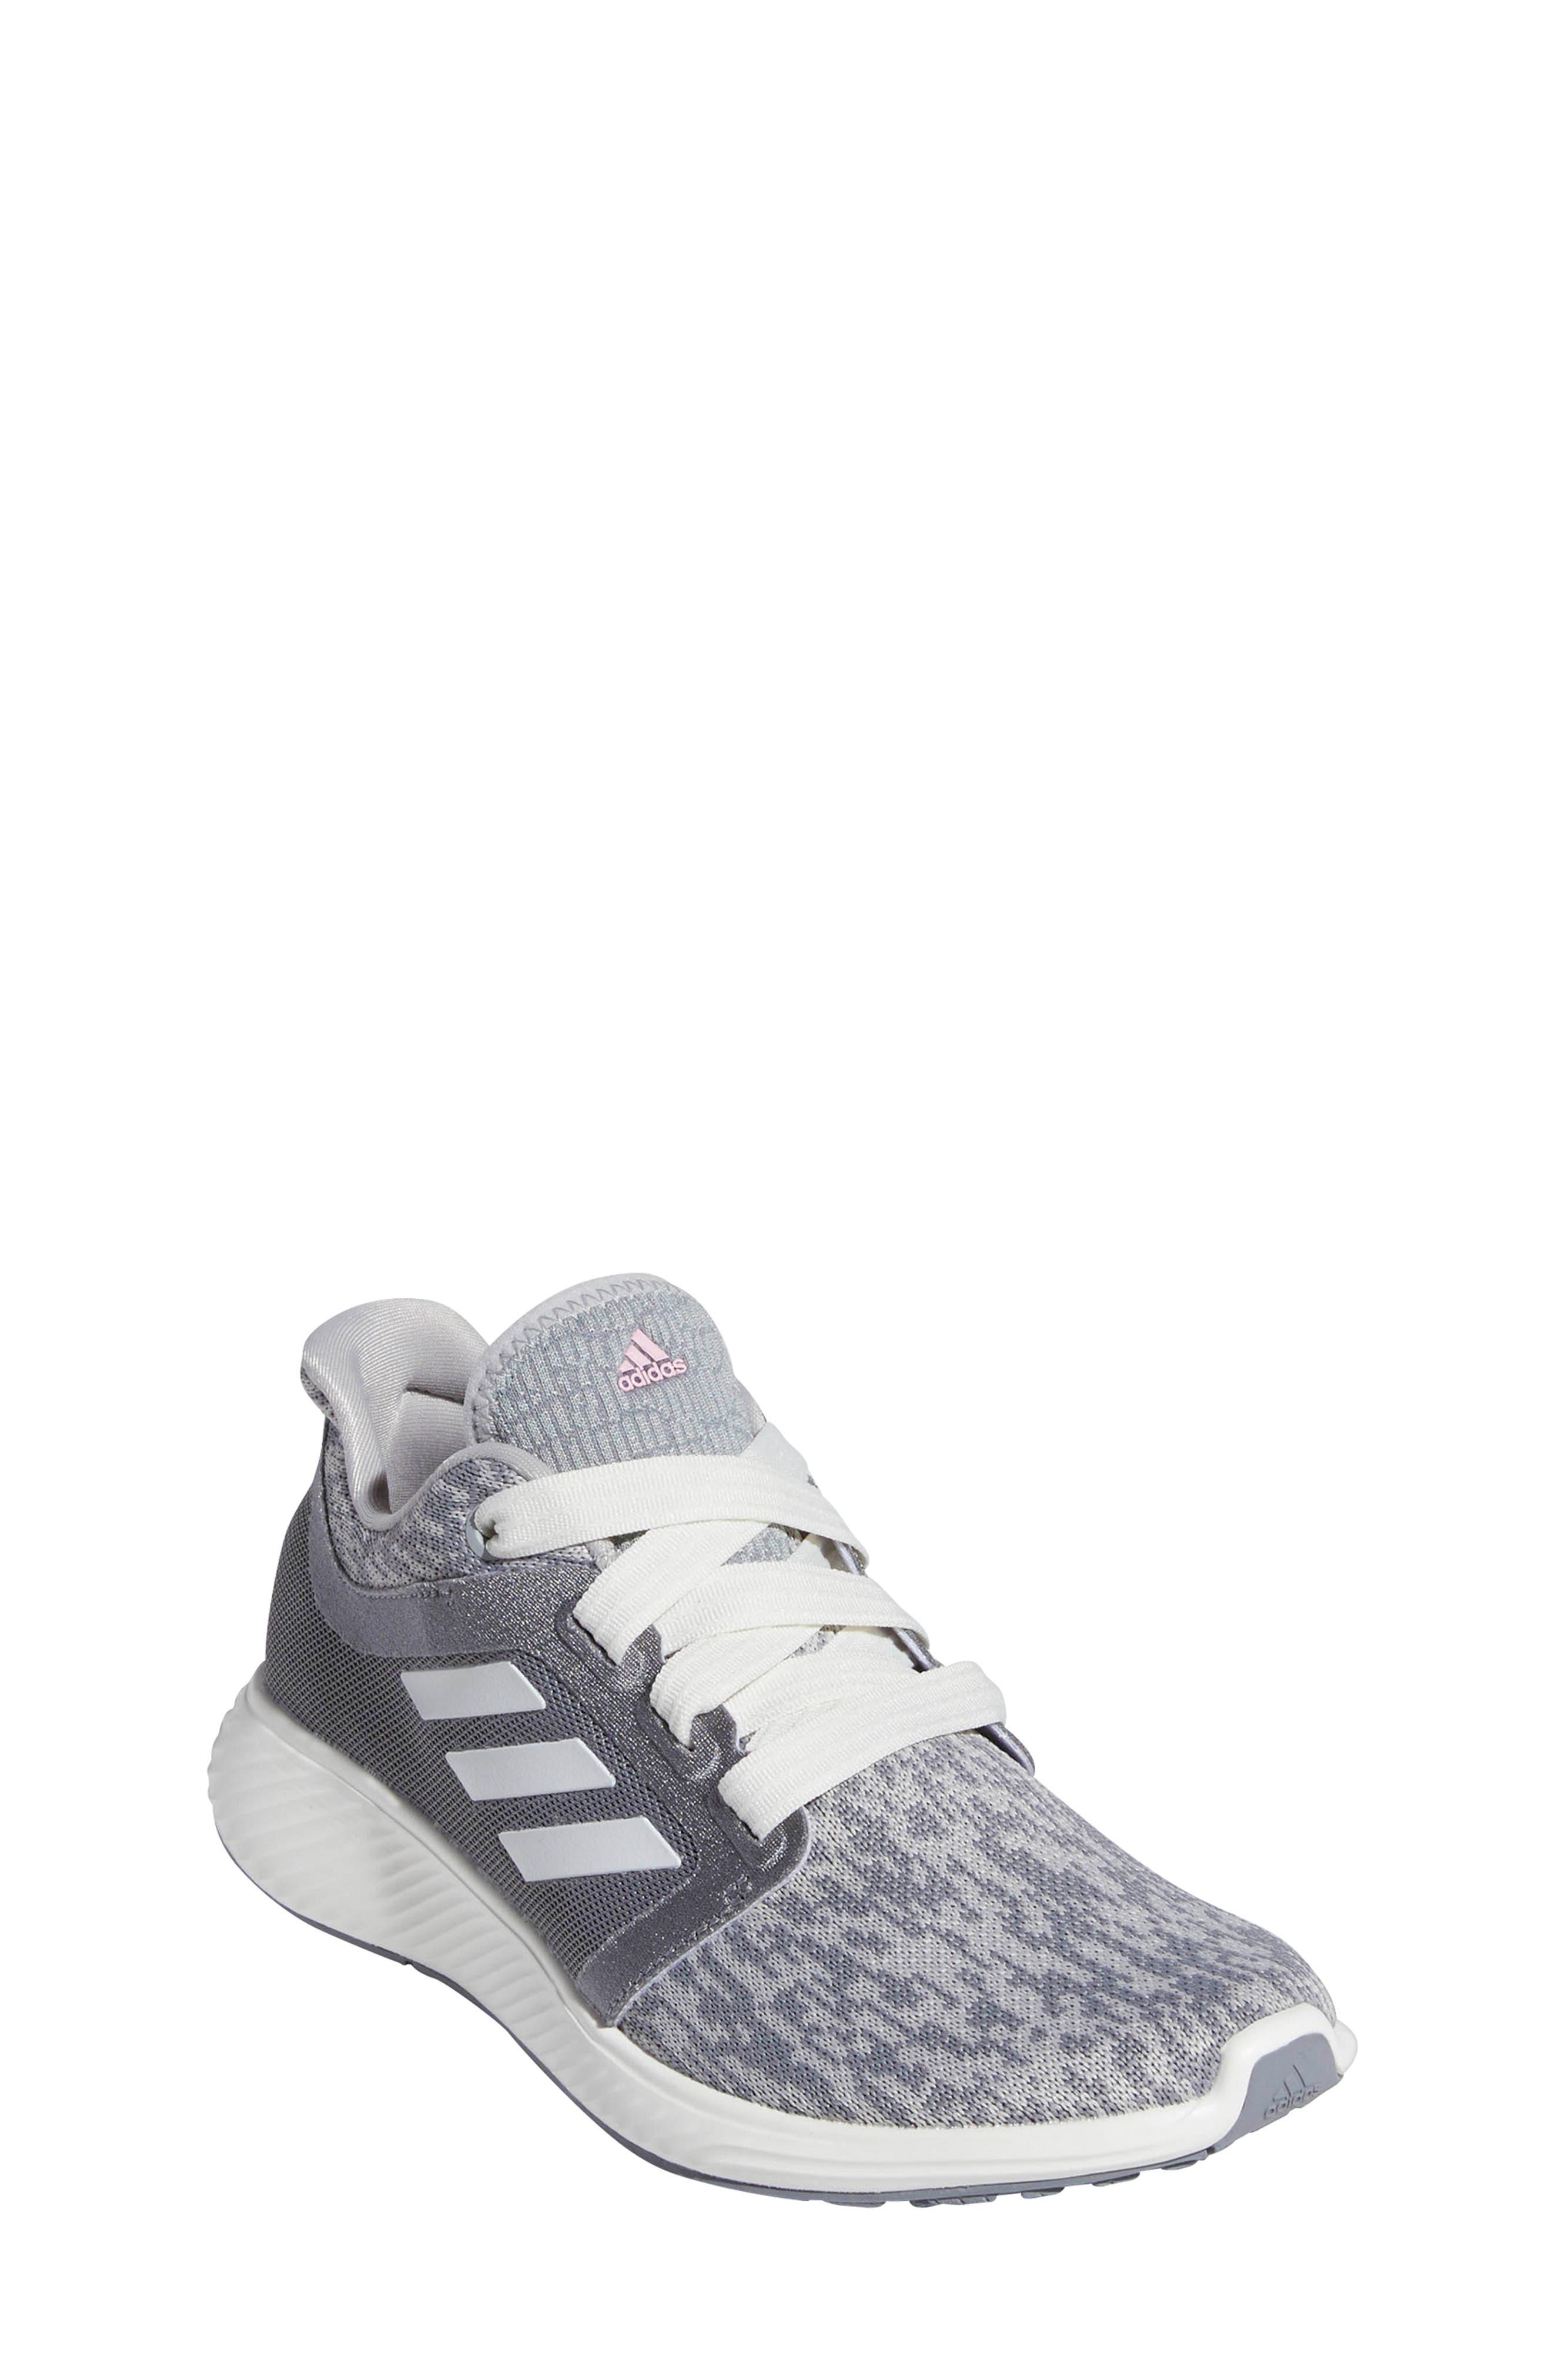 24ea10c6b Adidas Big Kid Shoes (Sizes 3.5-7)